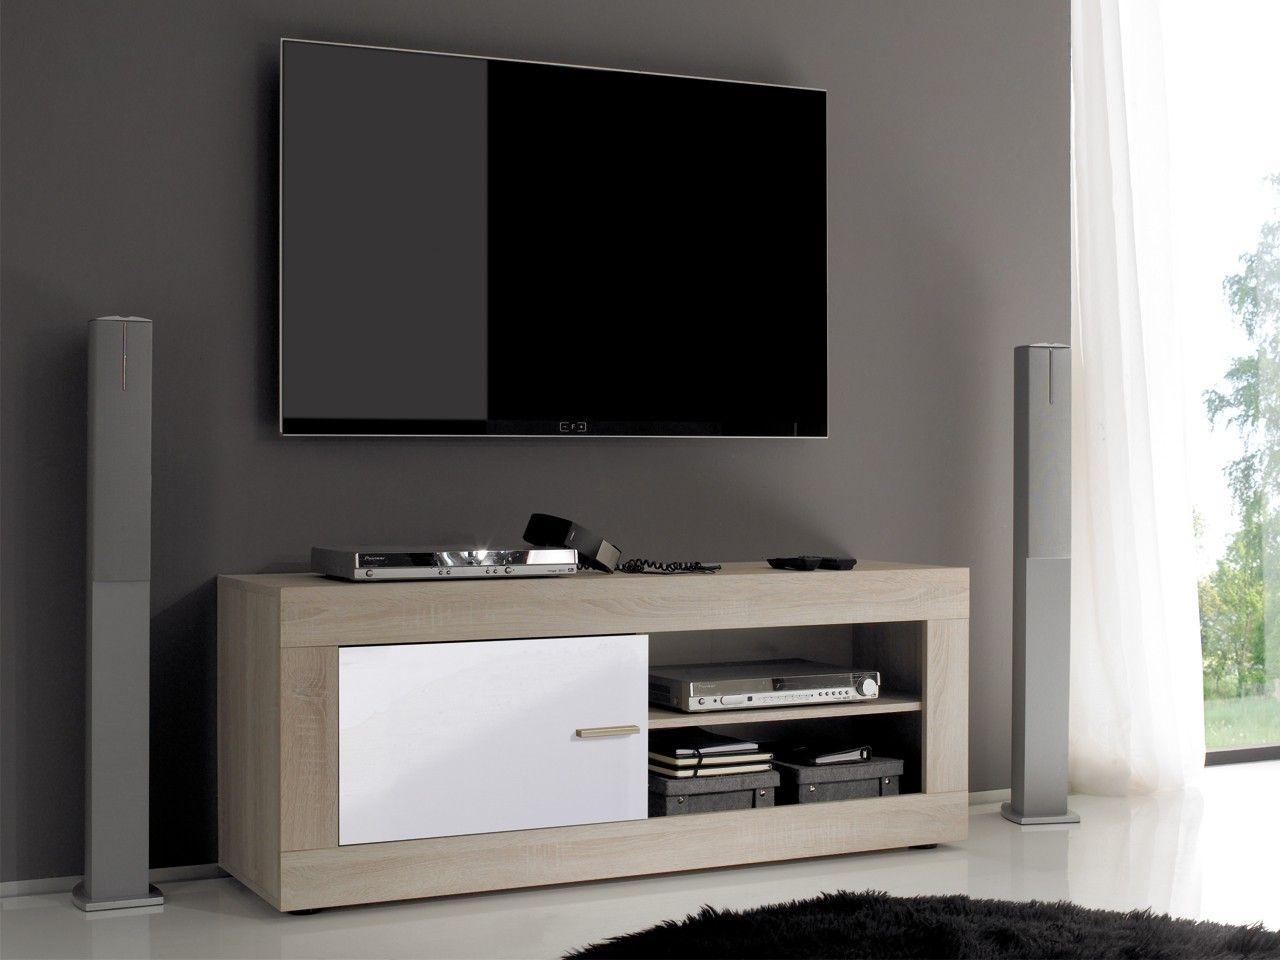 Pin de omayra olivieri en decoracion living room living room designs y sideboard - Muebles para televisores modernos ...